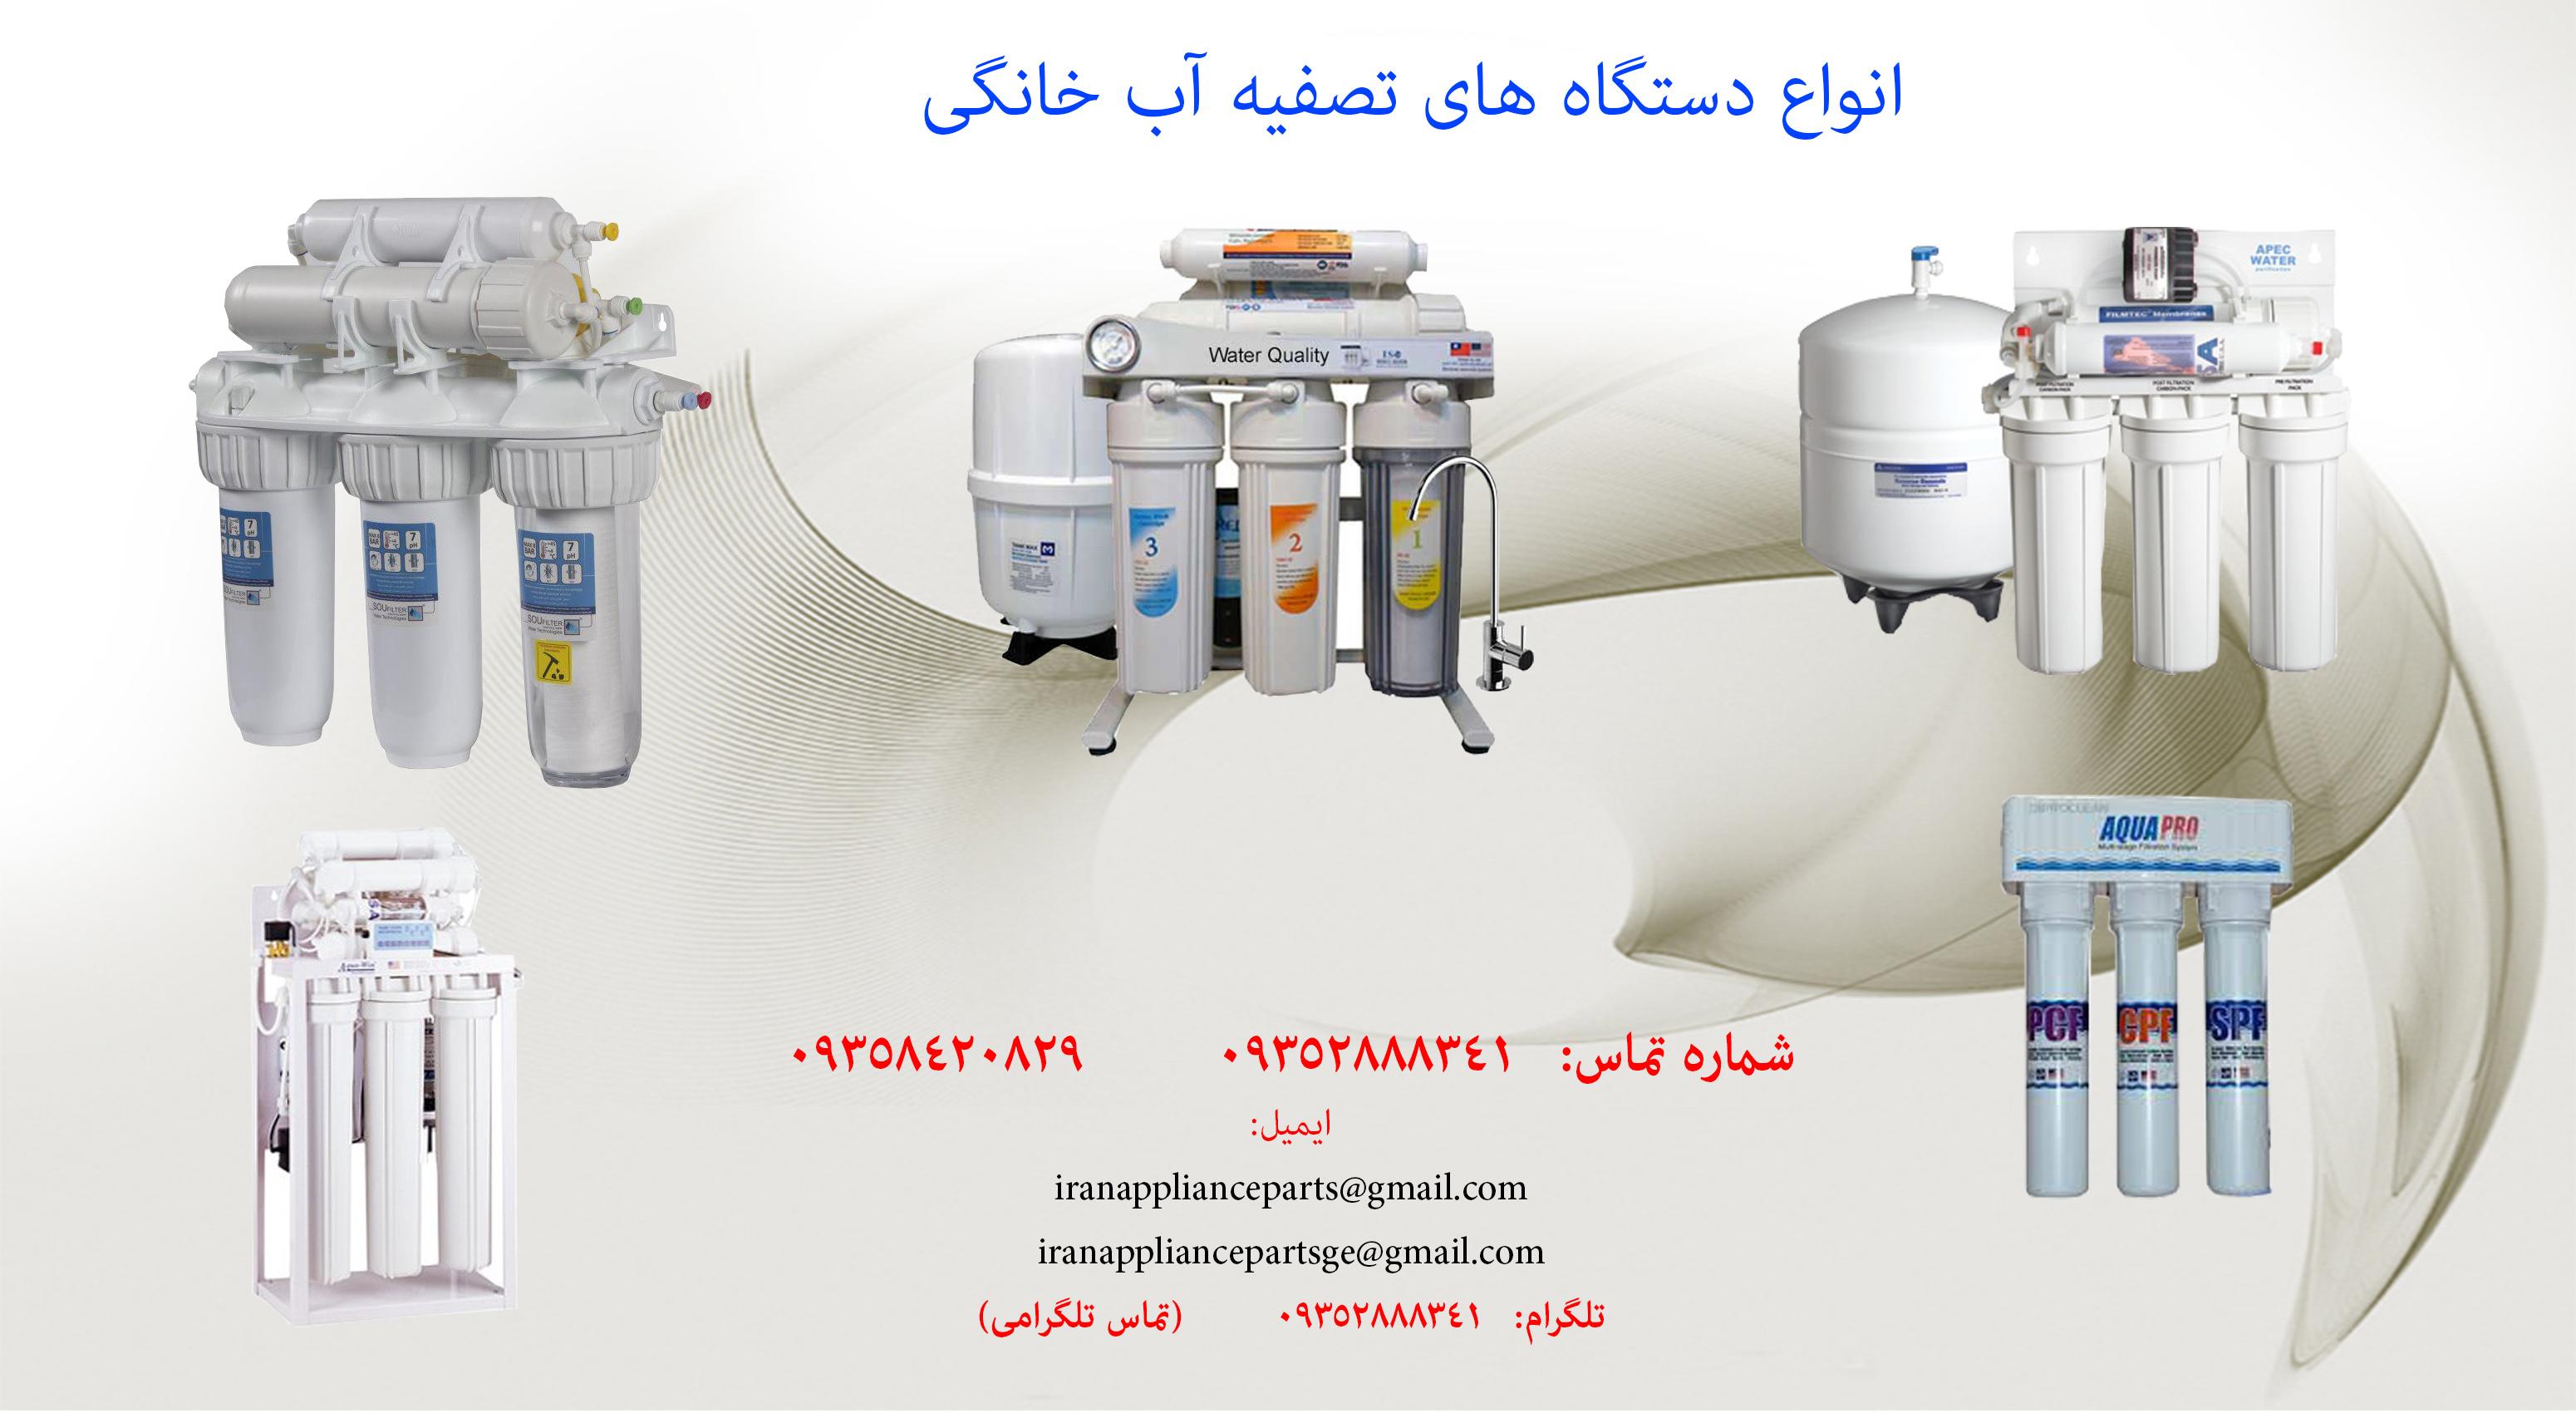 دستگاه تصفیه آب 6 مرحله ای تصفیه آب خانگی 6 مرحله ای دستگاه های اصلی تایوانی 6 مرحله ای